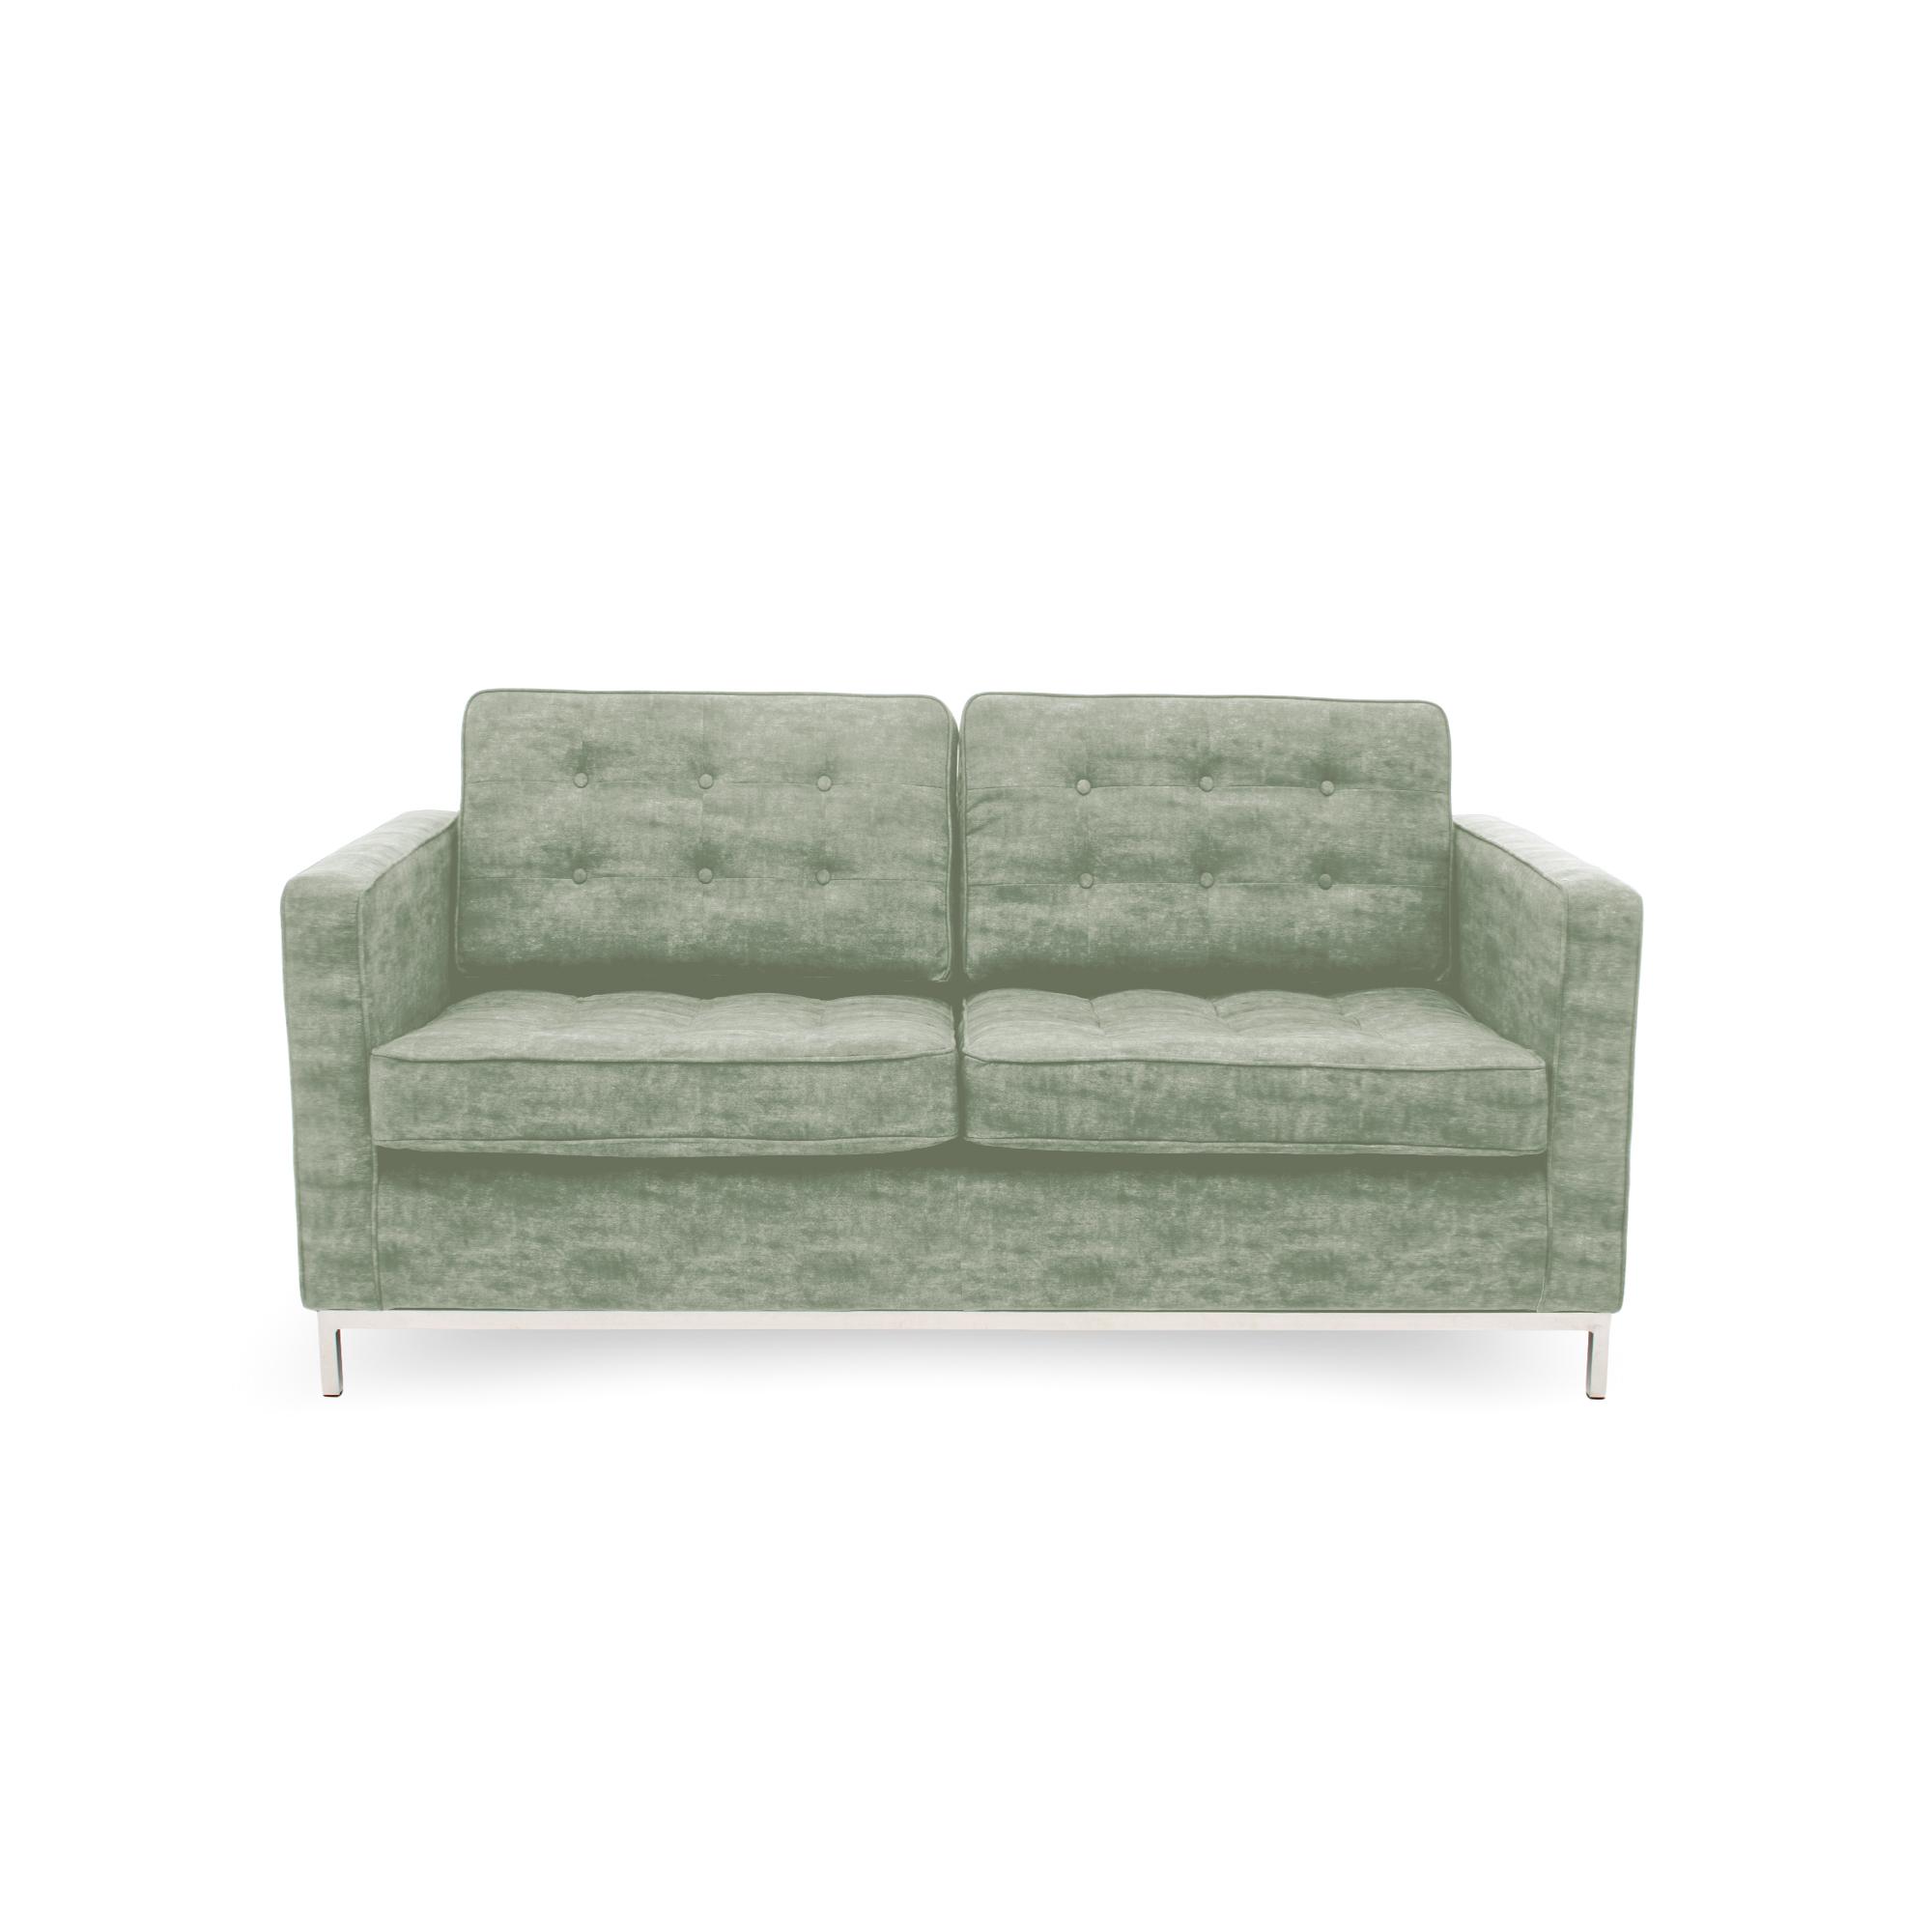 Canapea Fixa 2 locuri Ben Khaki